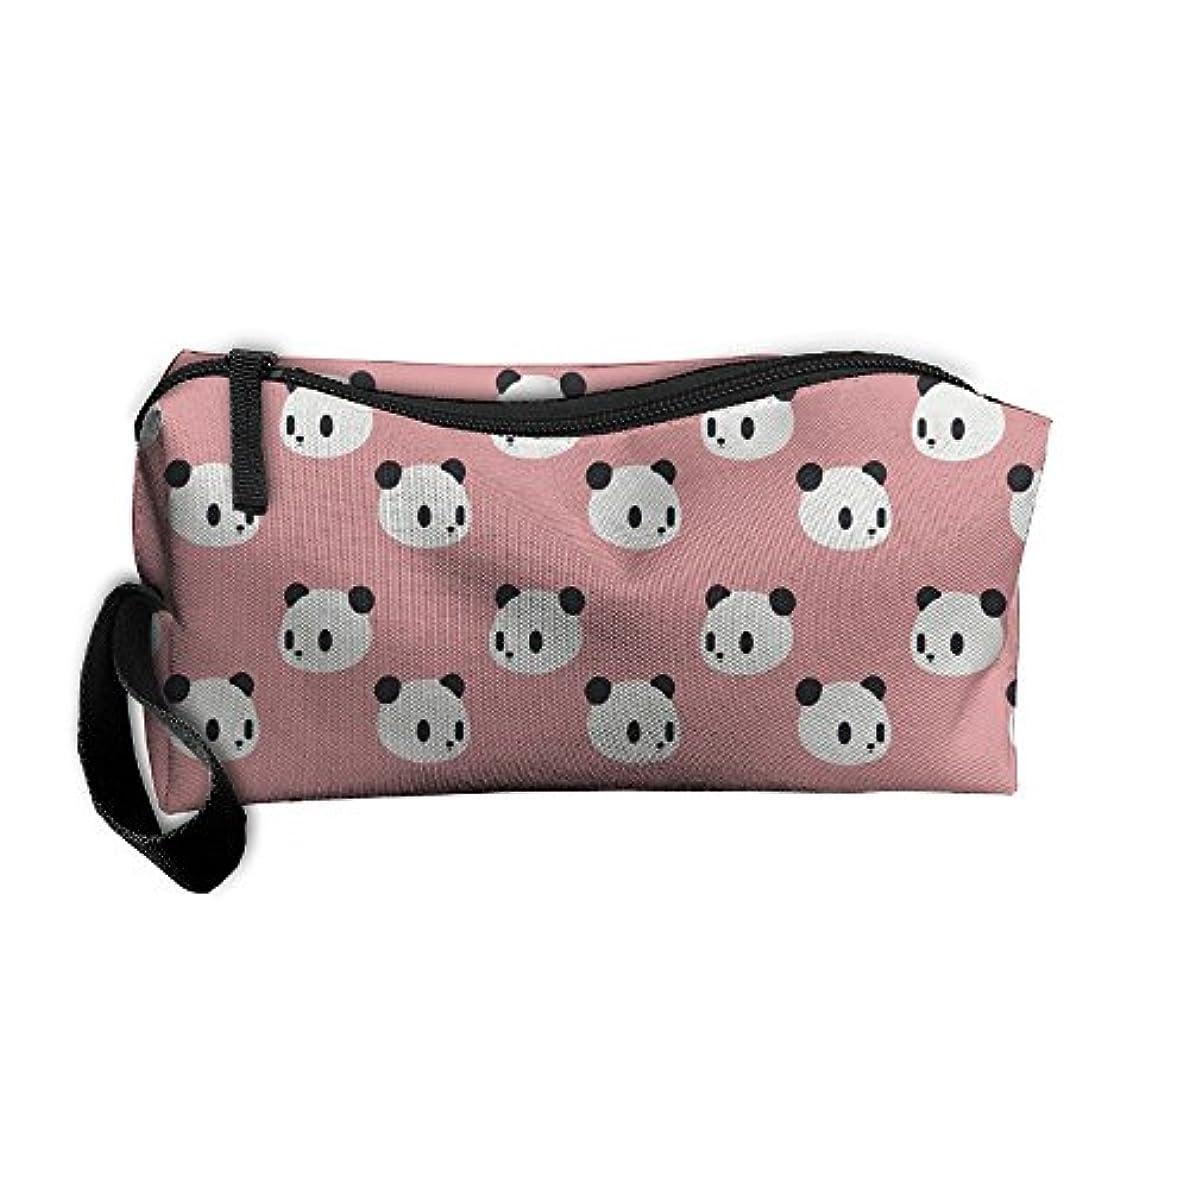 集団乱気流ワゴンErmiCO ペンポーチ ペンケース 筆箱 レディース メンズ カジュアル 化粧ポーチ 小物入り 多機能バッグ 贈り物 パンダパターン